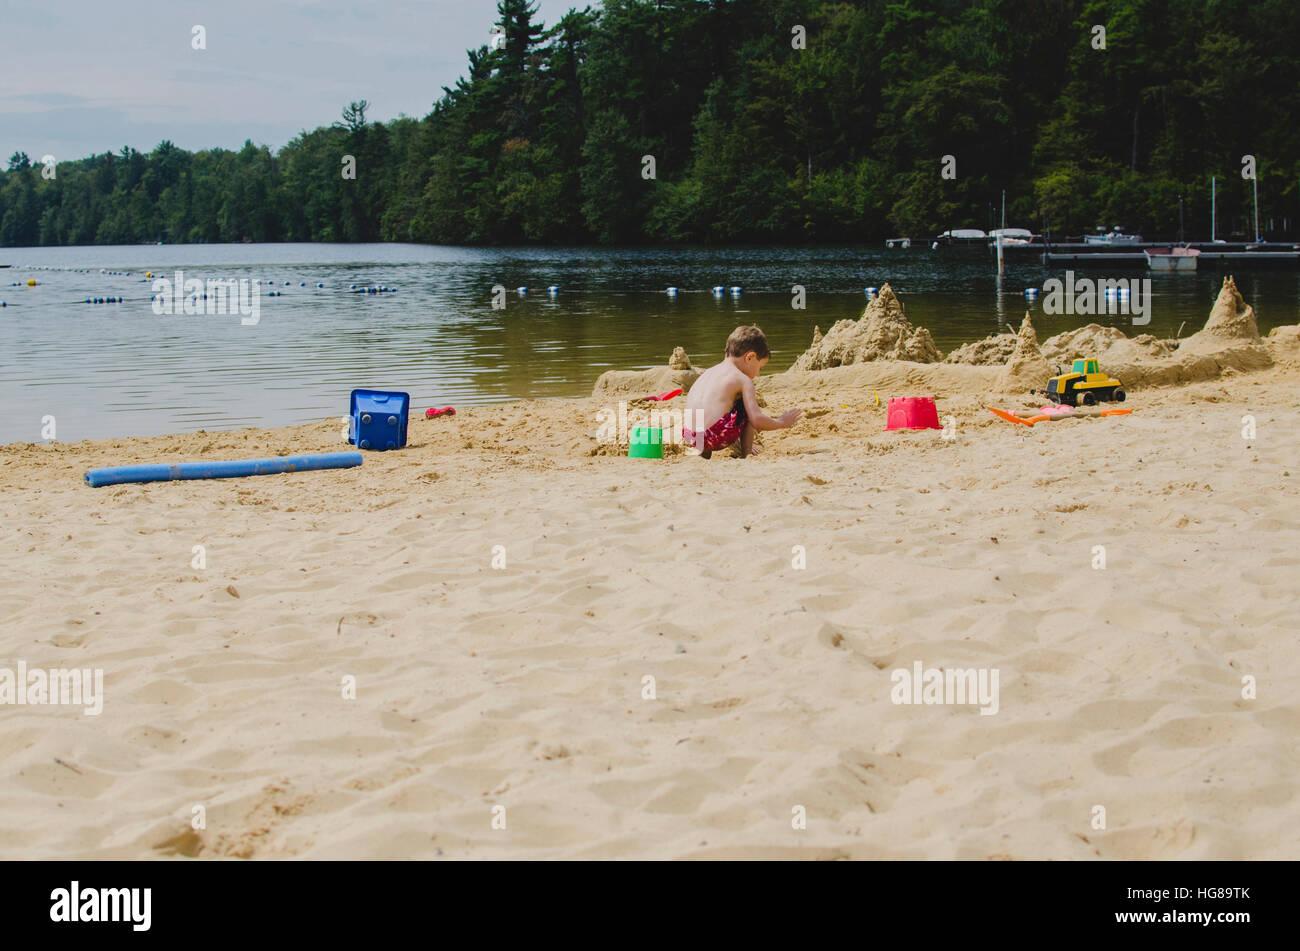 Vista posteriore del ragazzo giocando con i giocattoli mentre accovacciato sulla sabbia sul lungolago Immagini Stock